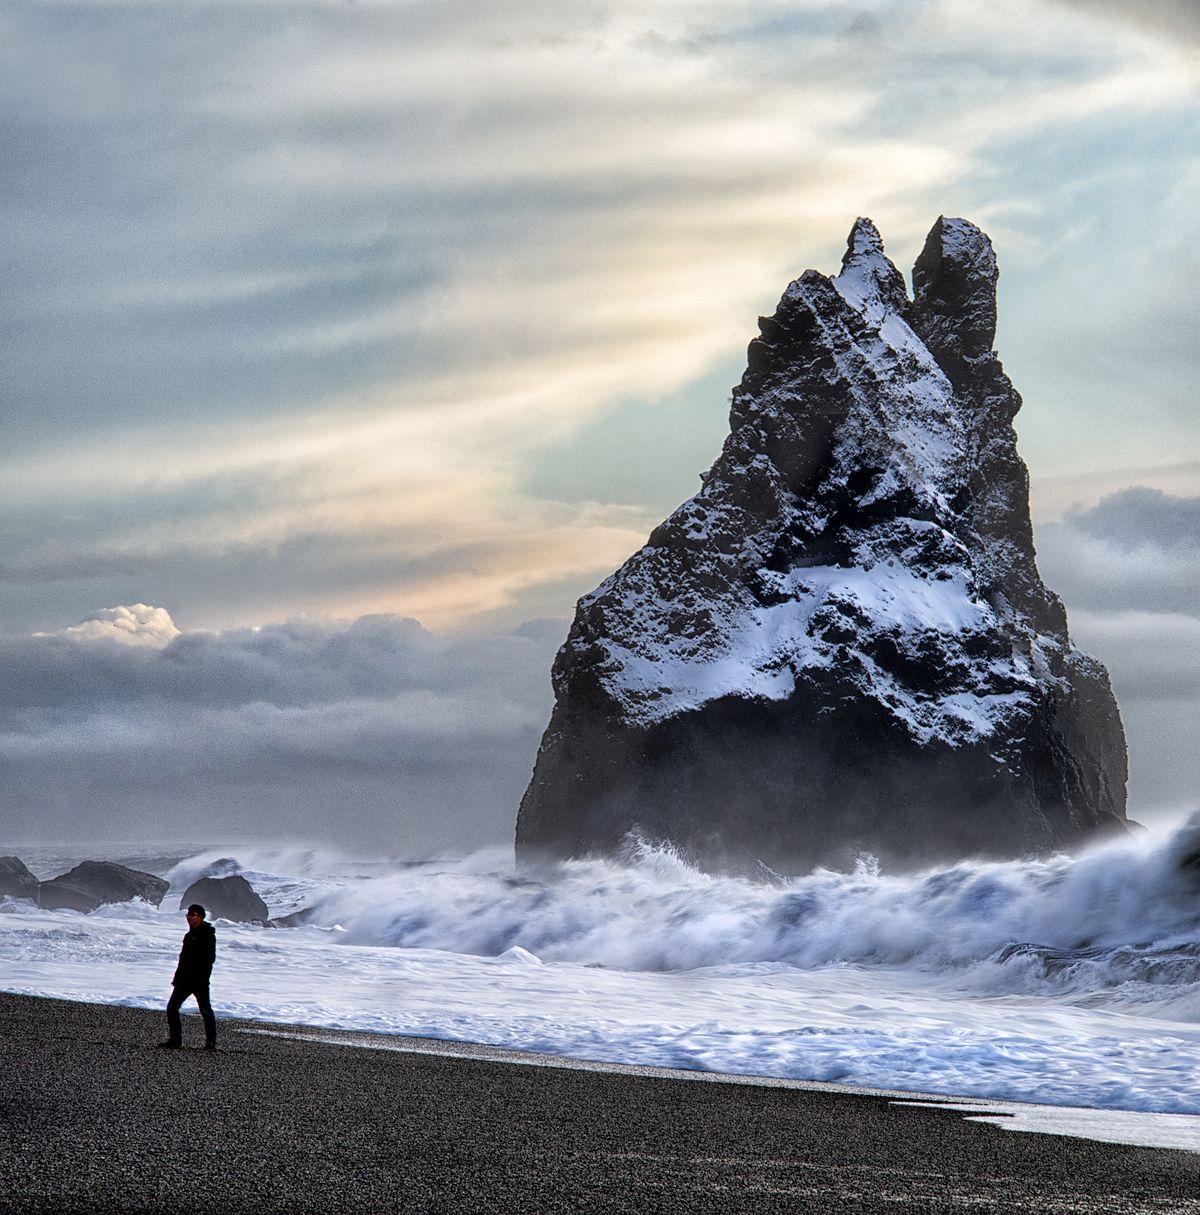 Шторм на черном пляже Рейнисфьяра в Исландии